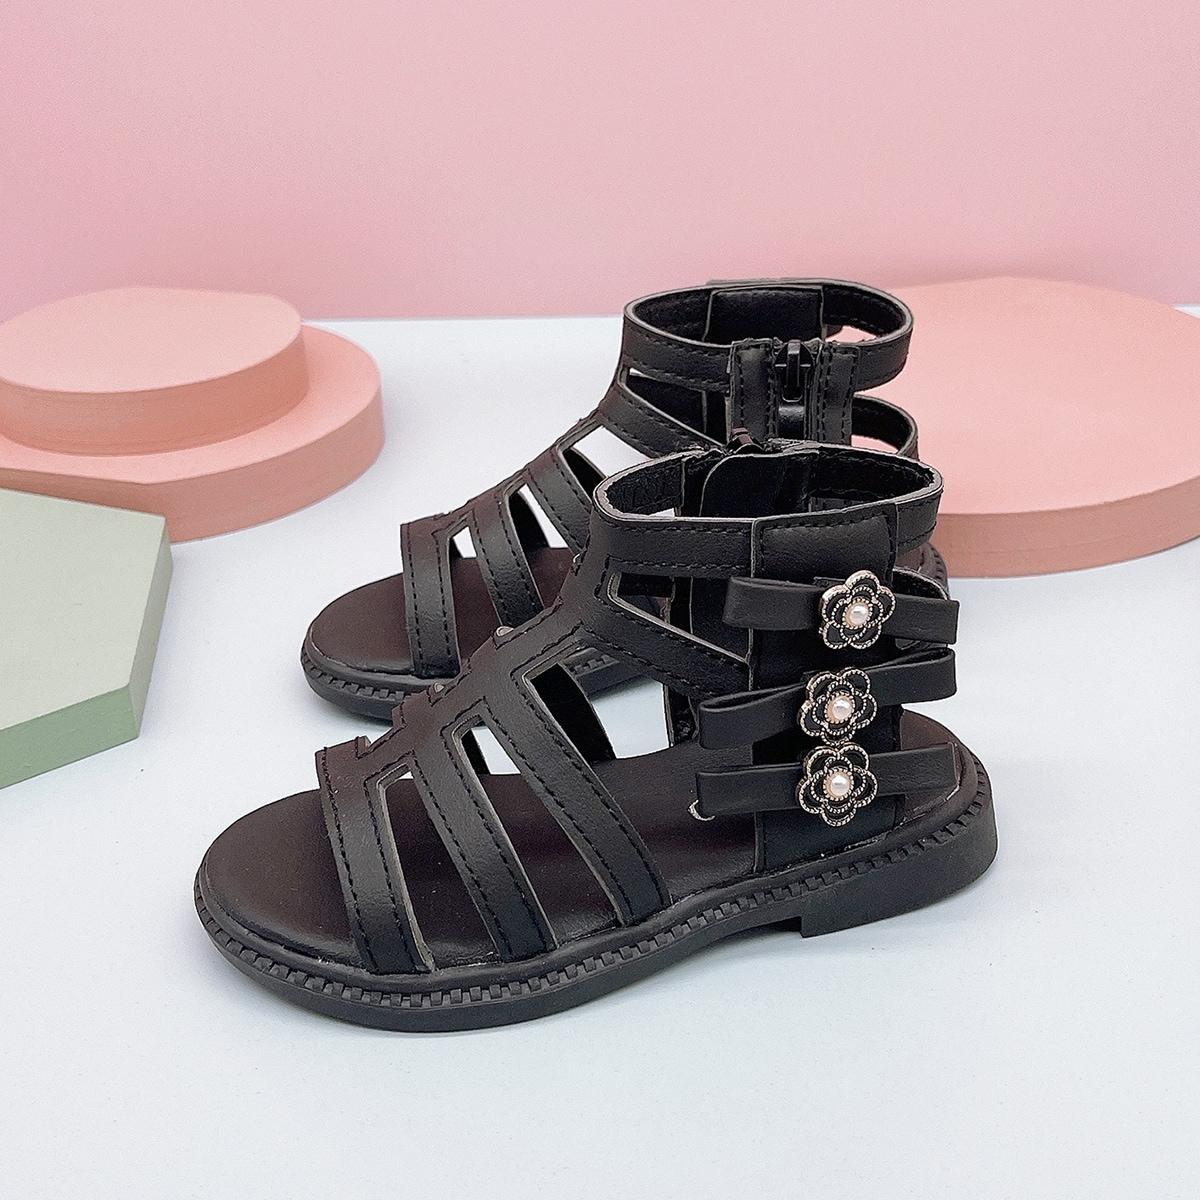 Контрастные сандалии для девочек SheIn skshoes25210611139